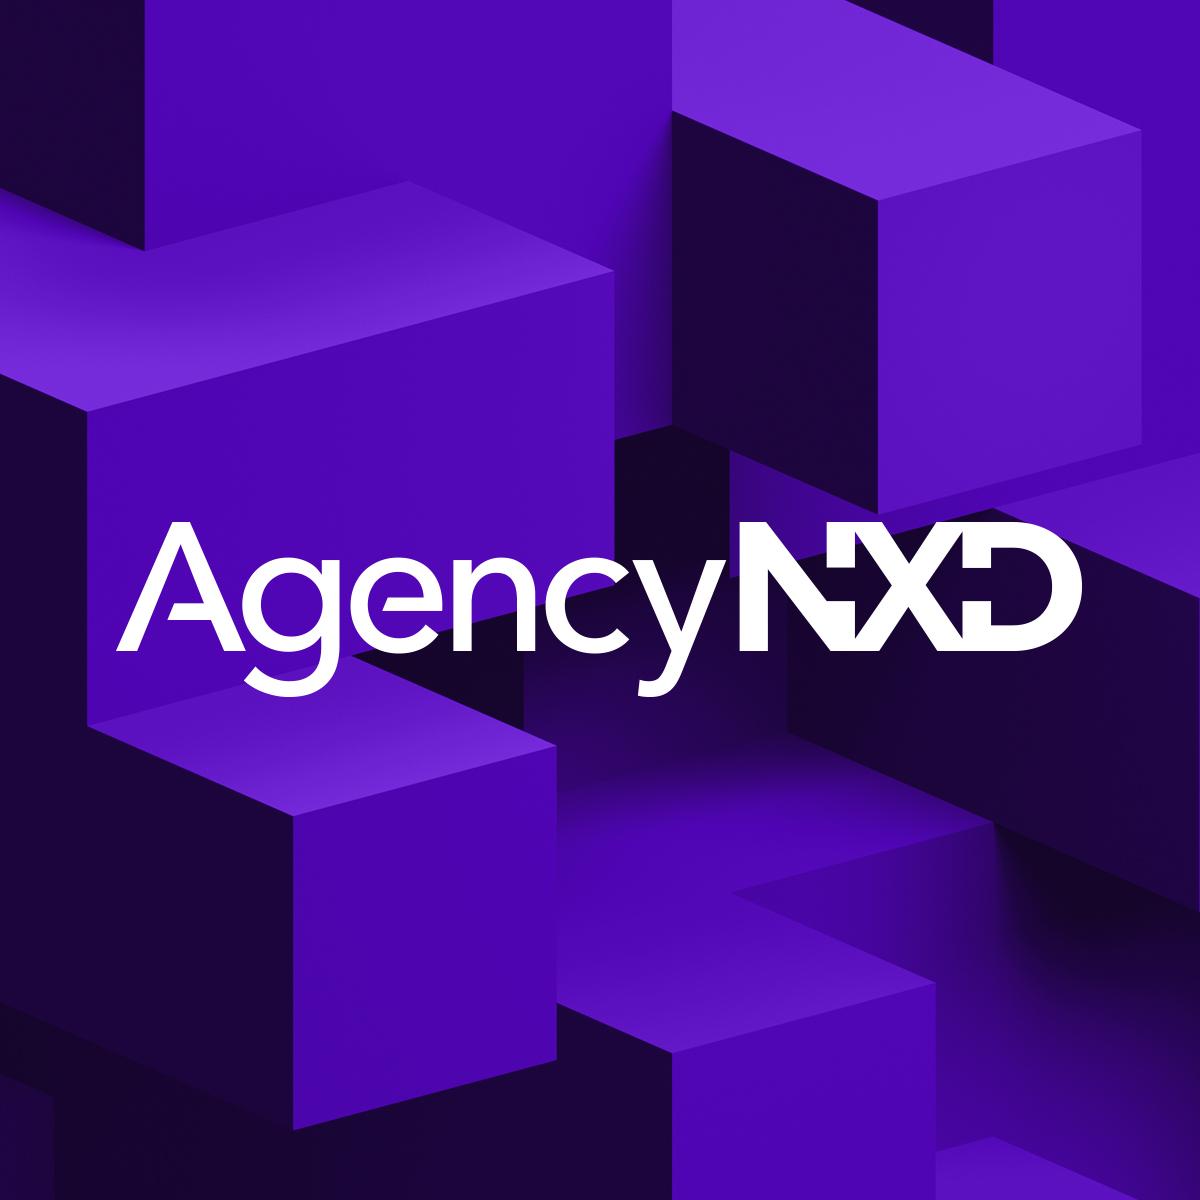 AgencyNXD logo